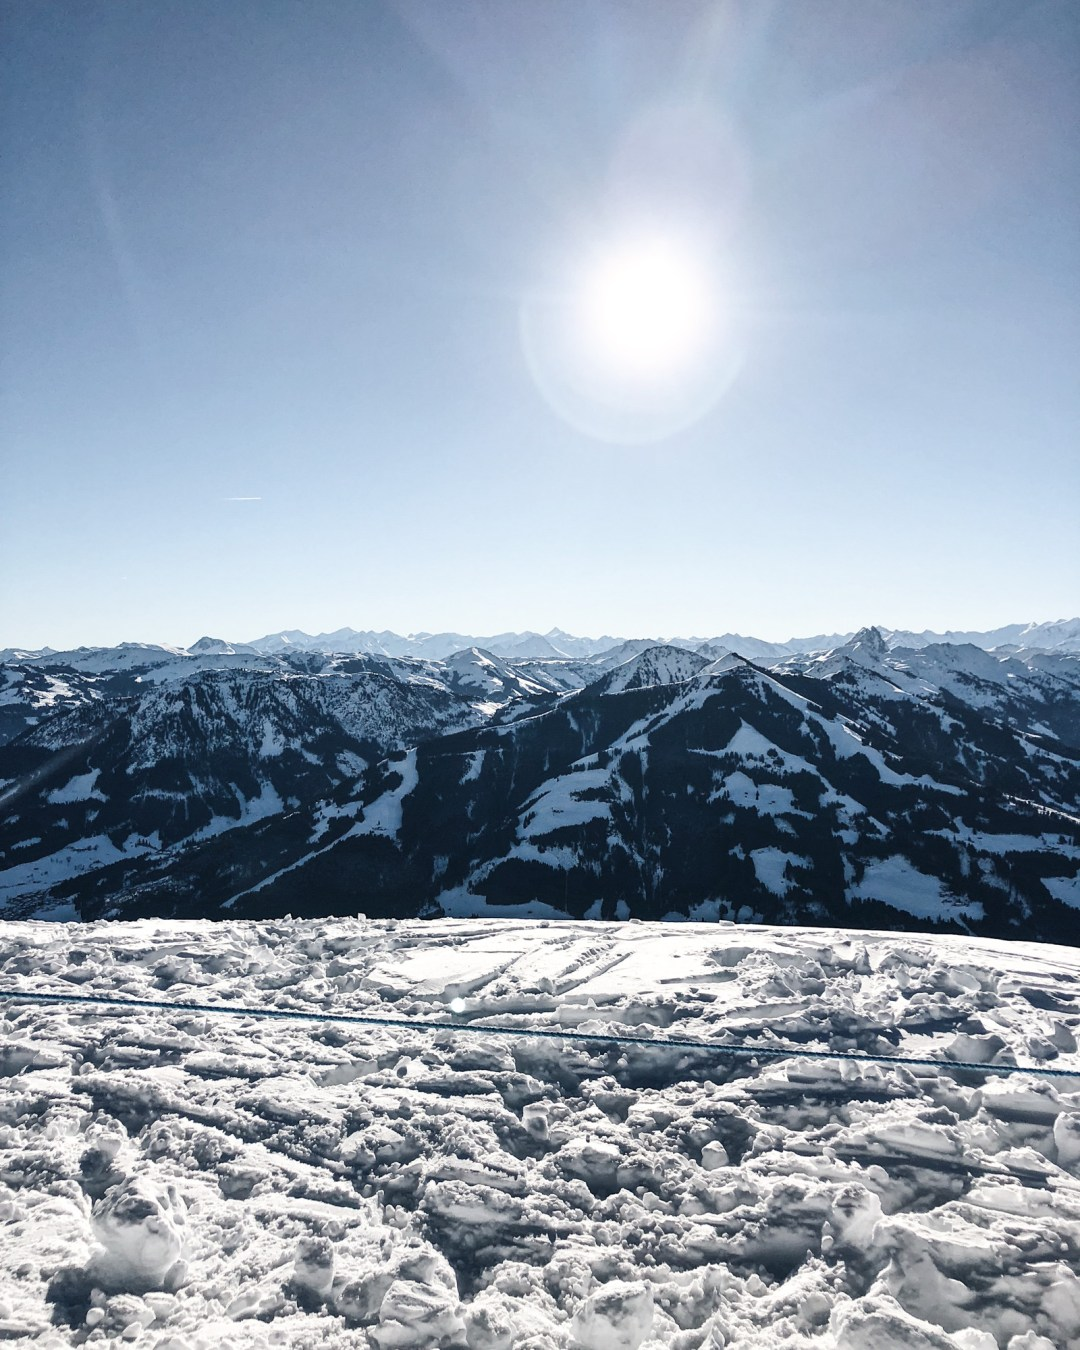 inastil, Ü50Blogger, Skiurlaub, Tirol, skifahren, Reiseblogger, Urlaub in Österreich, Skitage, Bergblick, Ausblick, Skiregion Brixental Wilder Kaiser, Skimode-6